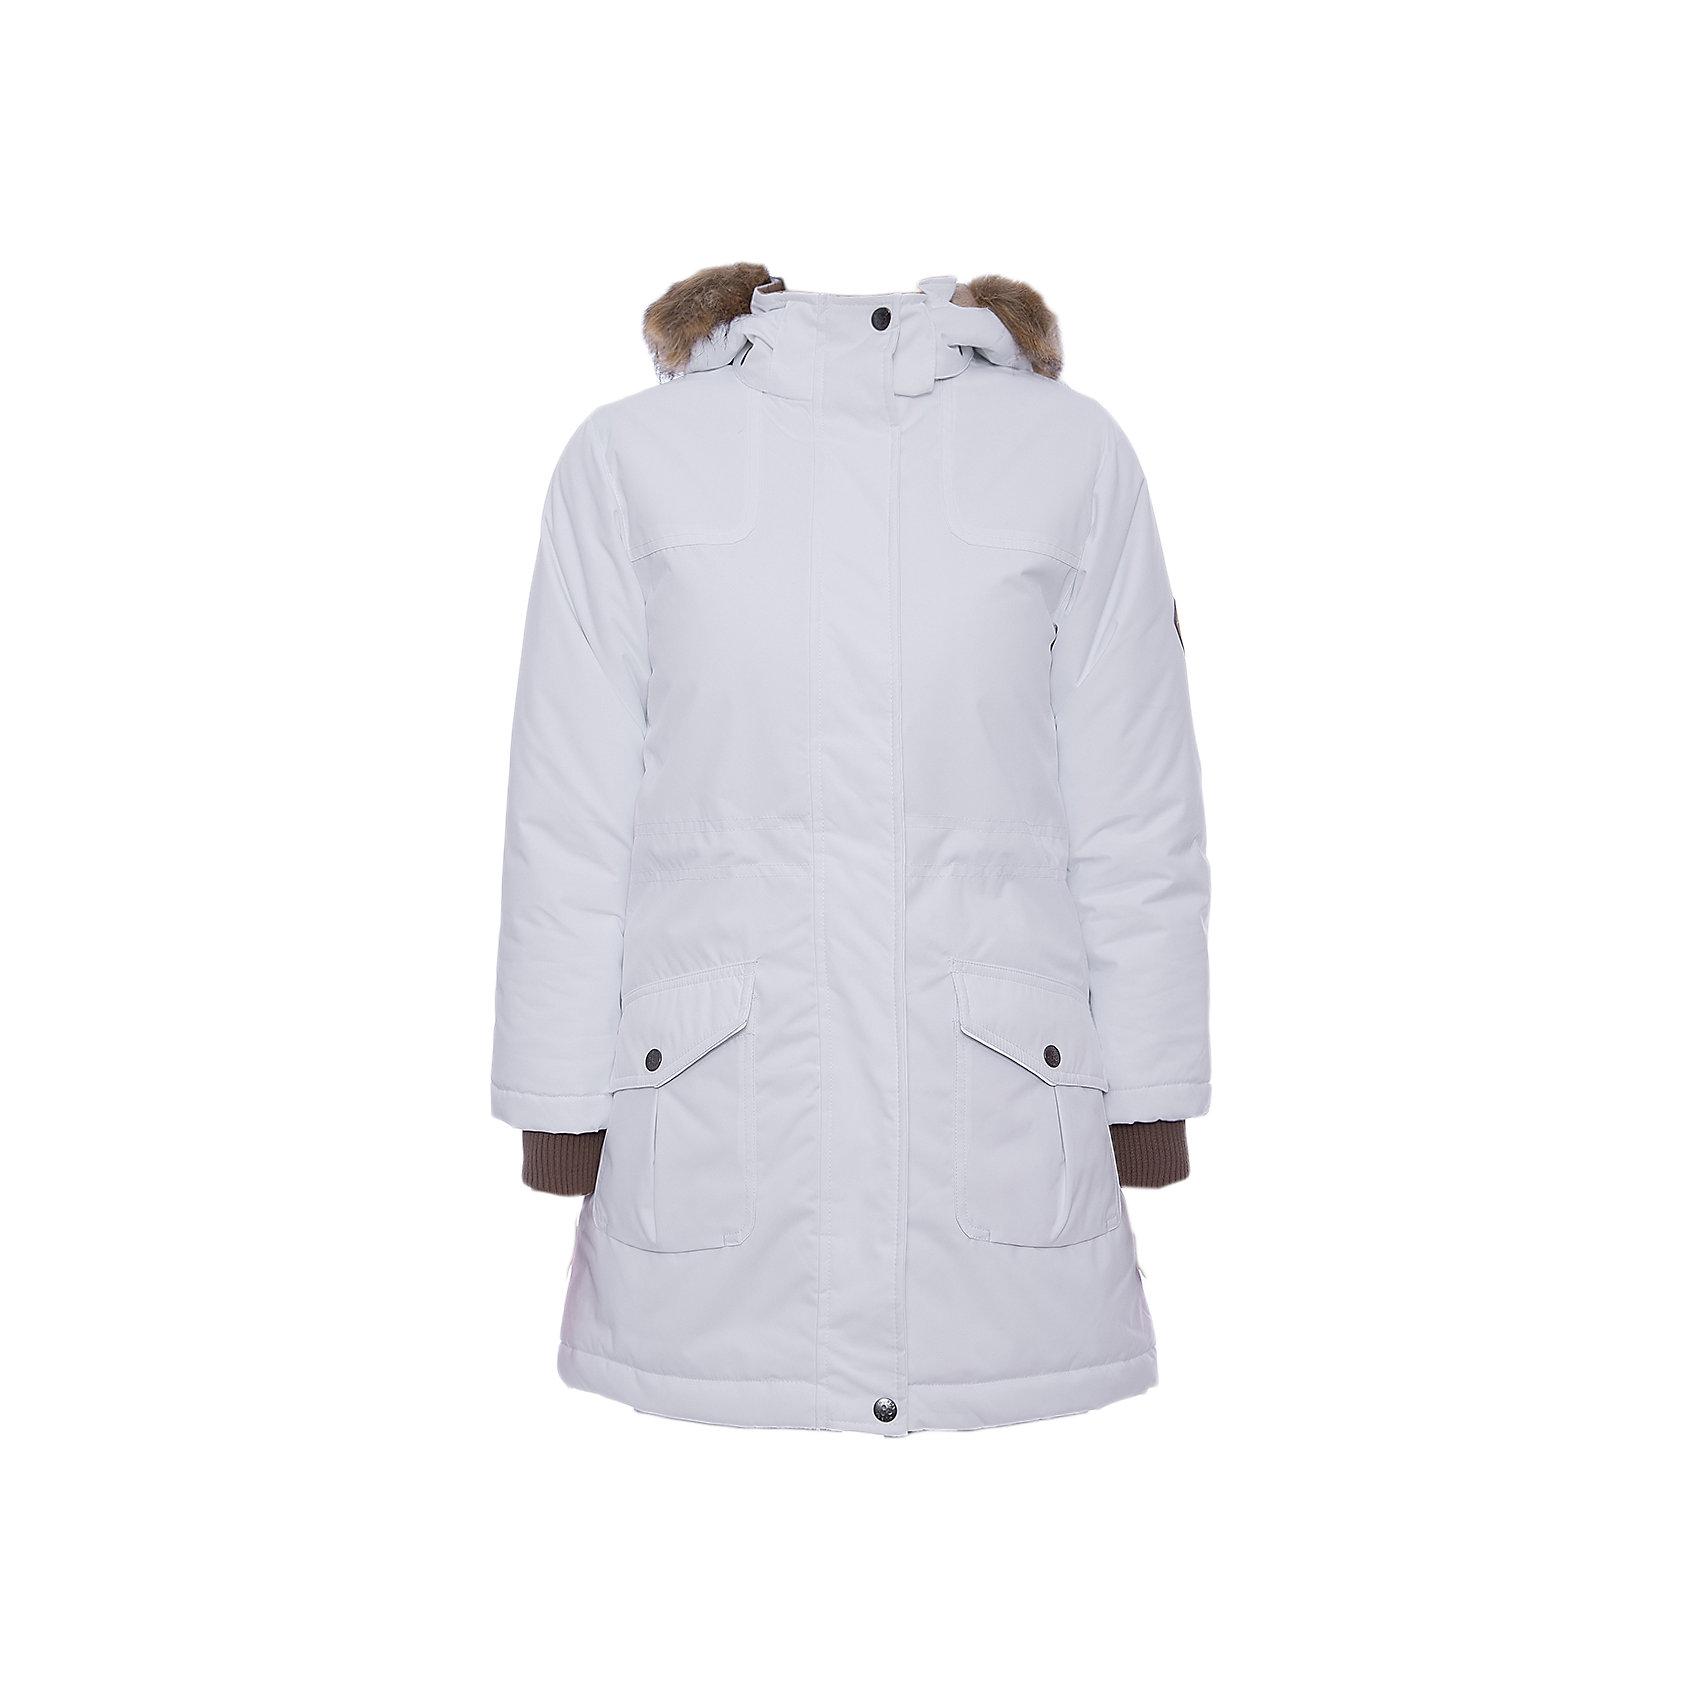 Куртка MONA Huppa для девочкиВерхняя одежда<br>Характеристики товара:<br><br>• модель: Mona;<br>• цвет: белый;<br>• состав: 100% полиэстер;<br>• утеплитель: полиэстер,300 гр.;<br>• подкладка: полиэстер, тафта, флис;<br>• сезон: зима;<br>• температурный режим: от - 5 до - 30С;<br>• водонепроницаемость: 10000 мм;<br>• воздухопроницаемость: 10000 г/м2/24ч;<br>• влагостойкие, водоотталкивающие, ветрозащитные и дышащие материалы.<br>• плечевые швы проклеены и не пропускают влагу;<br>• защитная планка молнии;<br>• двухсторонняя молния;<br>• безопасный отстёгивающийся капюшон;<br>• съемный искусственный мех на капюшоне;<br>• по линии талии регулируемый стопперами резиновый шнур;<br>• два накладных кармана;<br>• светоотражающие элементы для безопасности ребенка;<br>• внутренние вязаные манжеты на рукавах; <br>• страна бренда: Финляндия;<br>• страна изготовитель: Эстония.<br><br>Модная белоснежная парка Mona от бренда Huppa – желанное приобретение для следящих за модой девушек. Стильная модель радует безупречным дизайном. <br><br>Помимо внешней красоты парка отличается высокой функциональностью. Такое облачение не позволит владелице замёрзнуть даже в 30-ти градусный мороз. Глубокий капюшон с пушистой меховой оторочкой сделает зимние прогулки ещё комфортнее. Пара глубоких карманов на заклёпках уберегут вещи от снега. Широкие манжеты-резинки повышают теплосберегающие свойства модели, а также препятствуют проникновению под одежду снега. На подоле и талии предусмотрены регулирующие шнурки.Бегунок молнии открывается/закрывается снизу и сверху.Имеются светоотражательные элементы.<br><br>Куртку Mona для девочки бренда HUPPA  можно купить в нашем интернет-магазине.<br><br>Ширина мм: 356<br>Глубина мм: 10<br>Высота мм: 245<br>Вес г: 519<br>Цвет: белый<br>Возраст от месяцев: 72<br>Возраст до месяцев: 84<br>Пол: Женский<br>Возраст: Детский<br>Размер: 122,128,134,140,146,152,158,164,170,104,110,116<br>SKU: 7025042